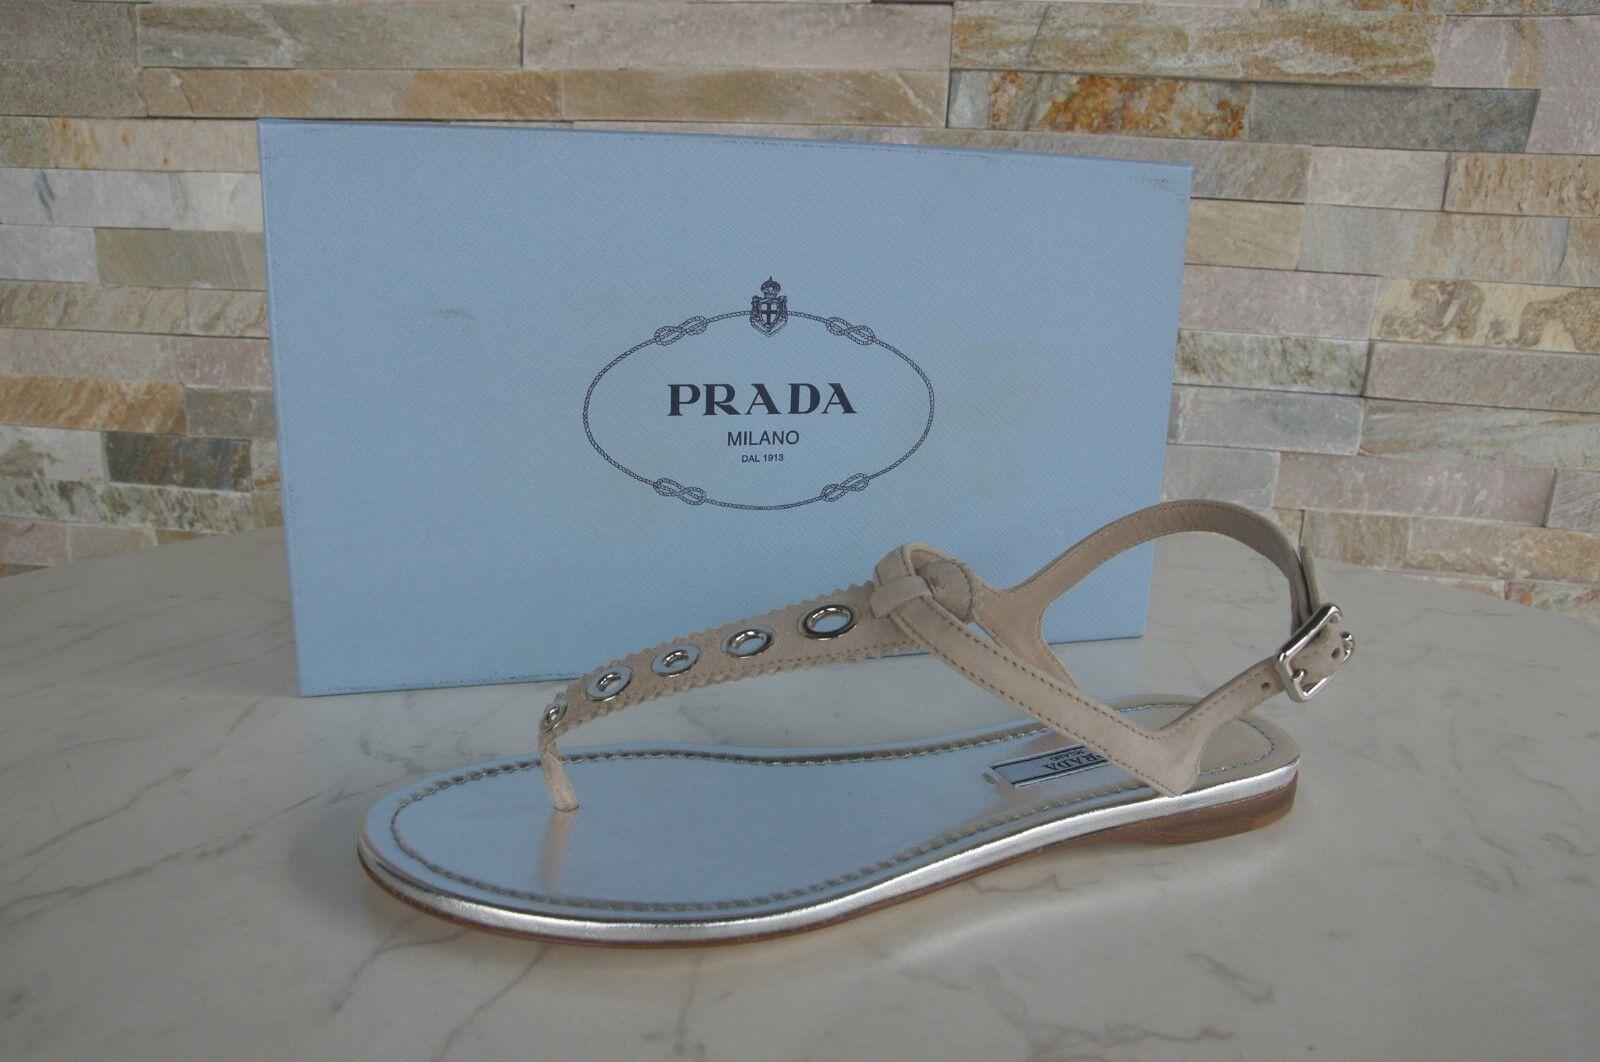 PRADA 35 Toes  scarpe Sandals scarpe Toe Separators Quartz Beige NUOVO  i nuovi marchi outlet online